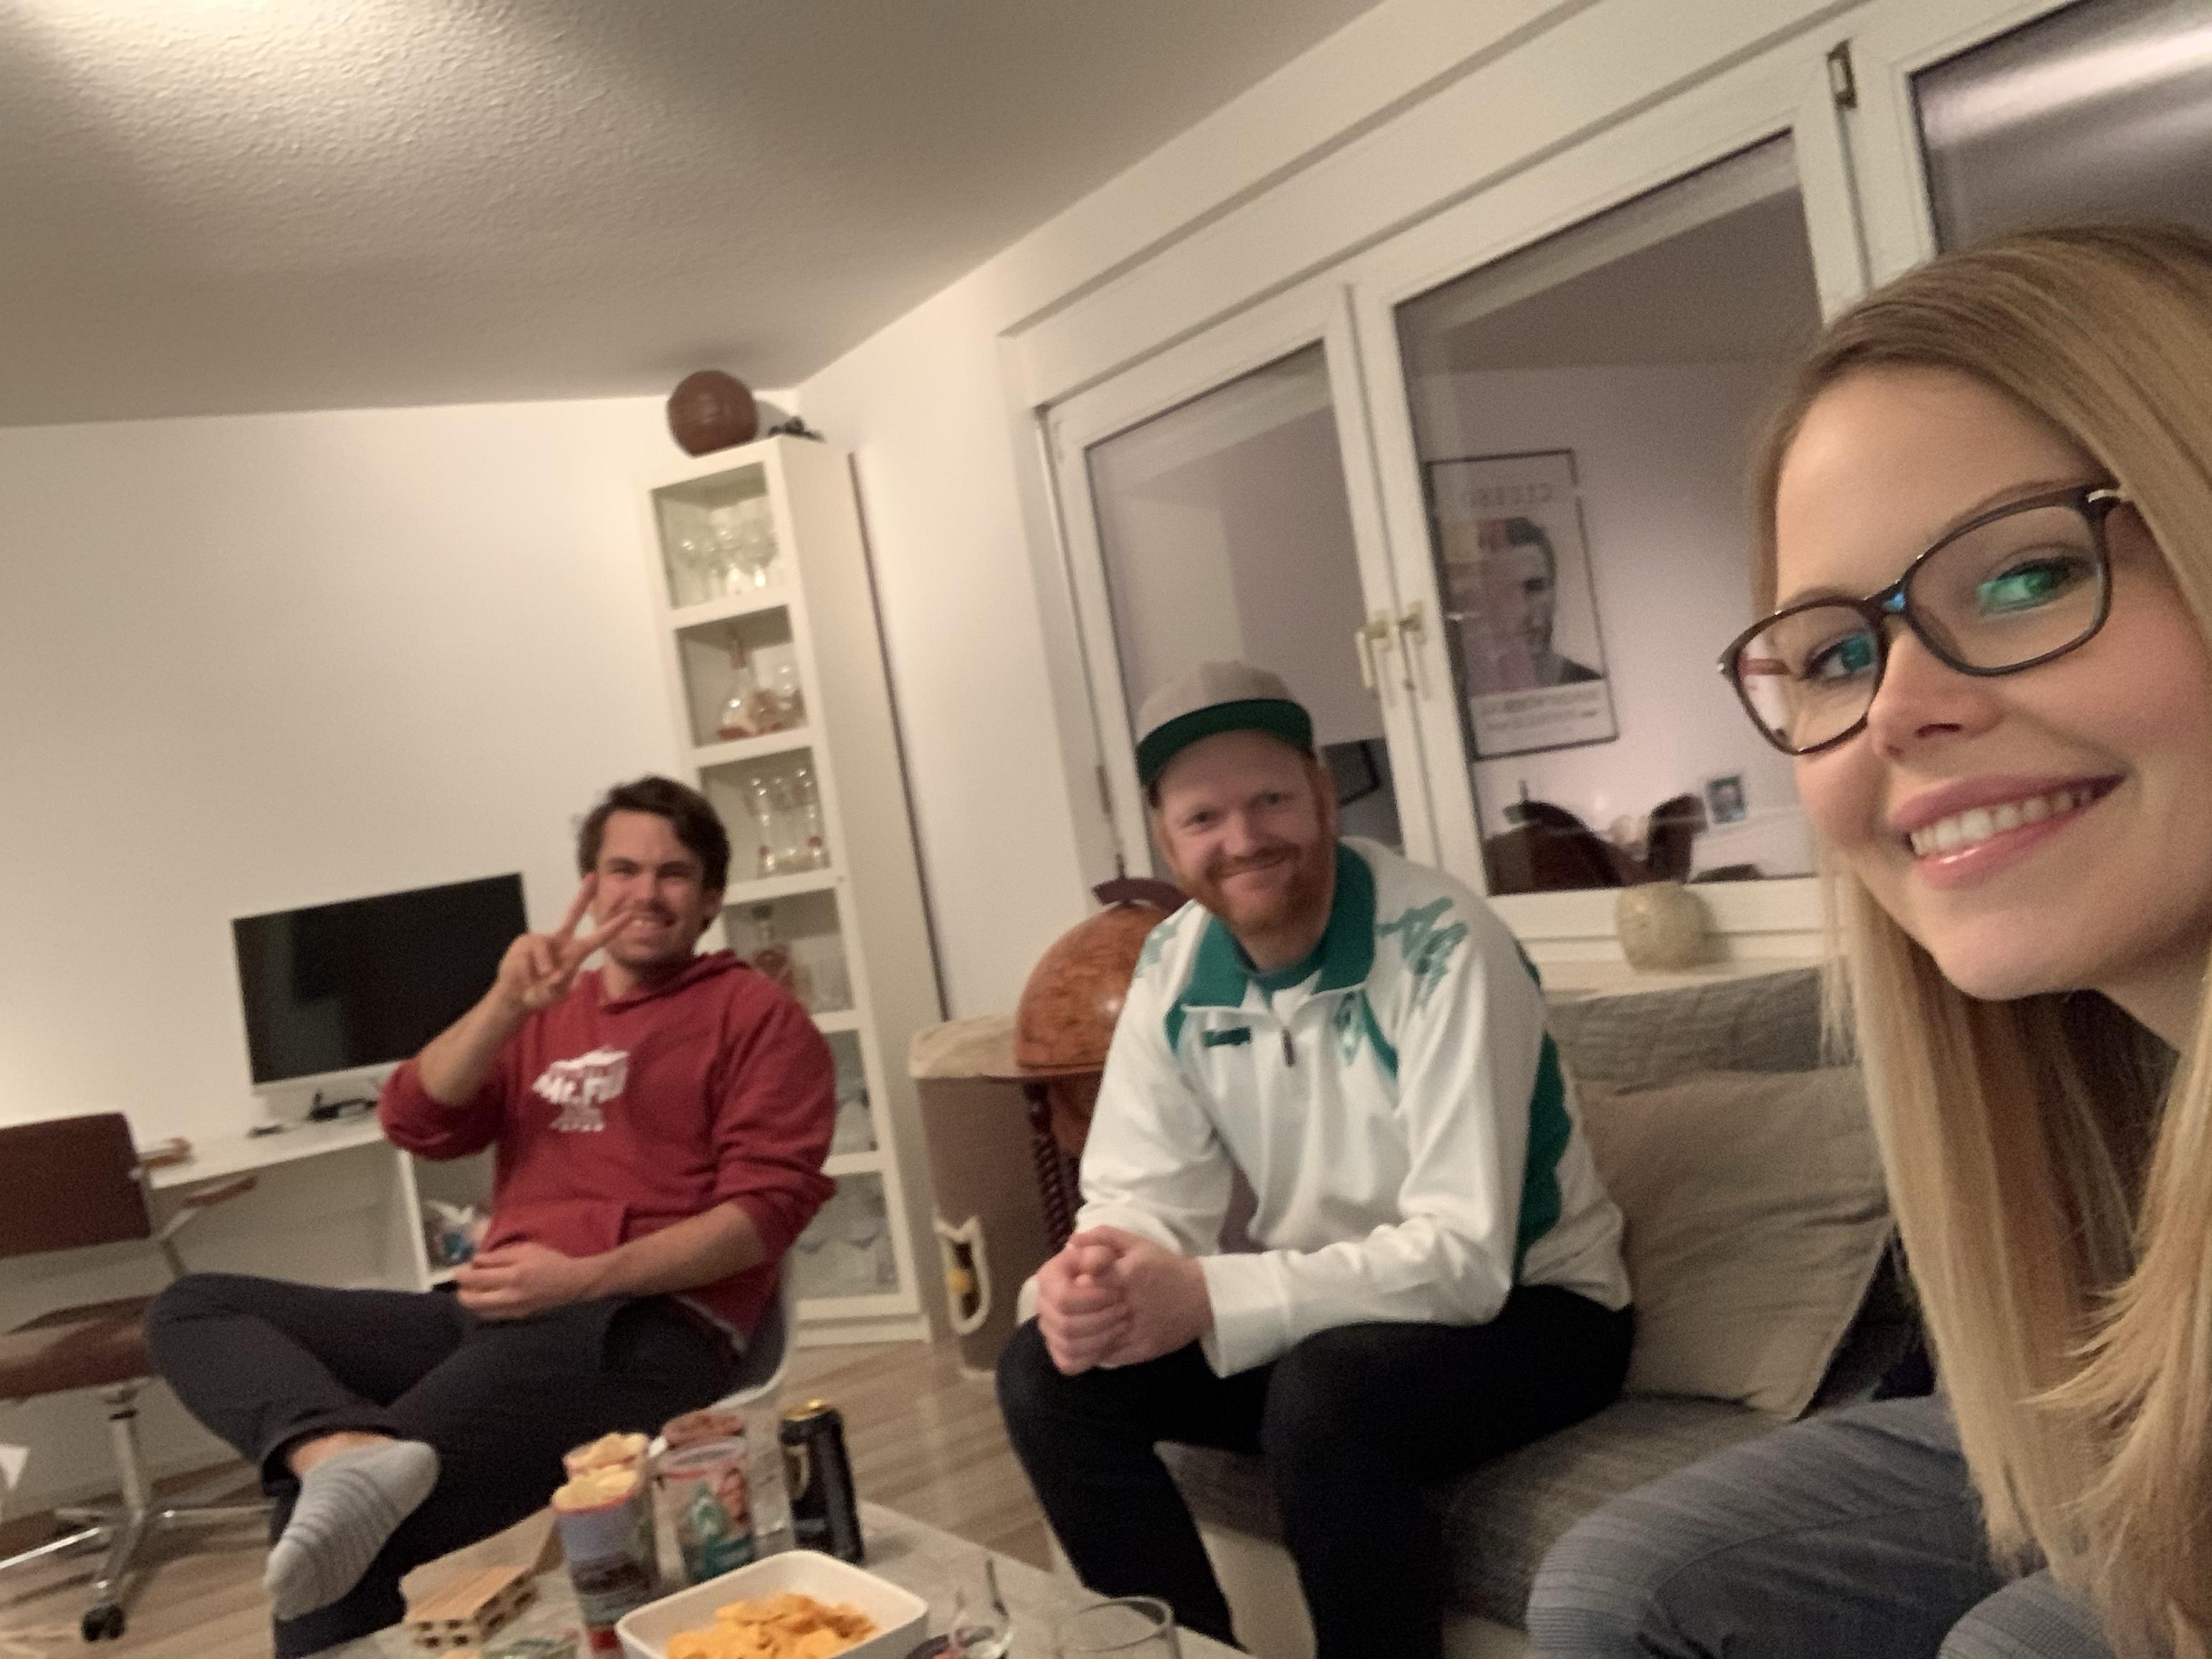 Freunde im Wohnzimmer, die das Fußballspiel gucken